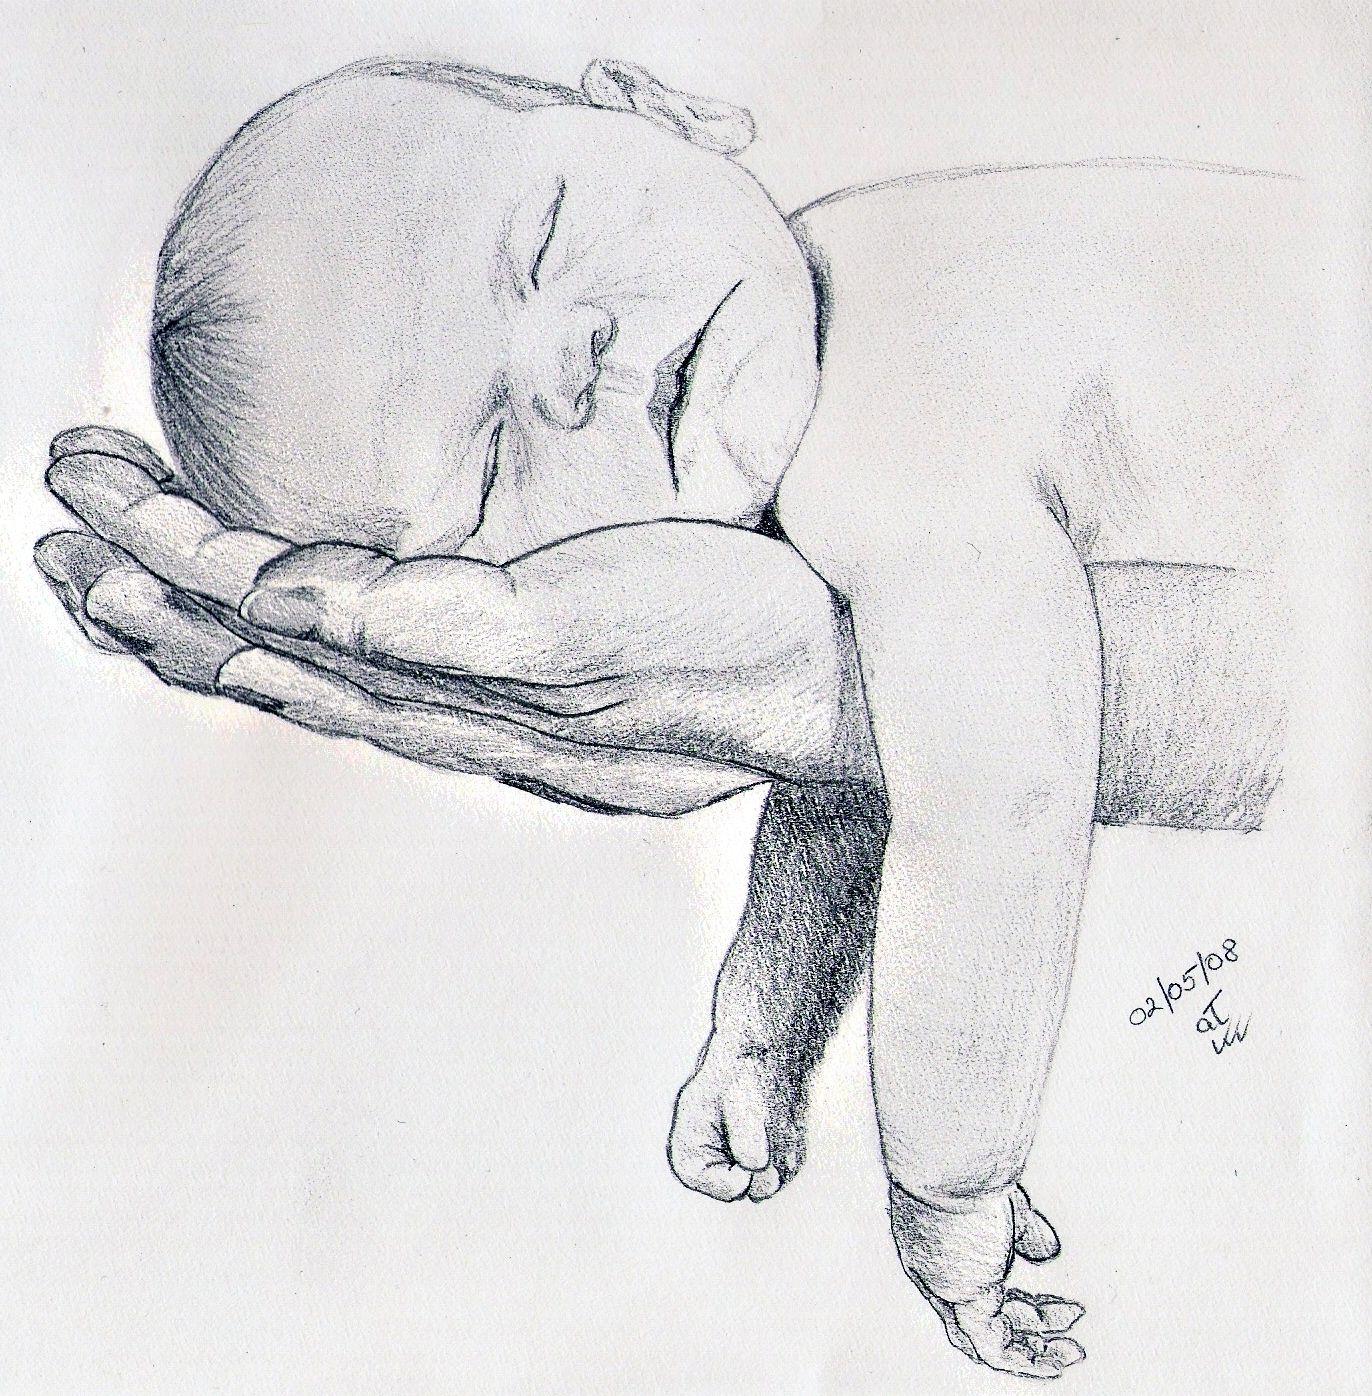 There S Nothing Sweeter Dibujos Dibujar Arte Dibujos Bonitos